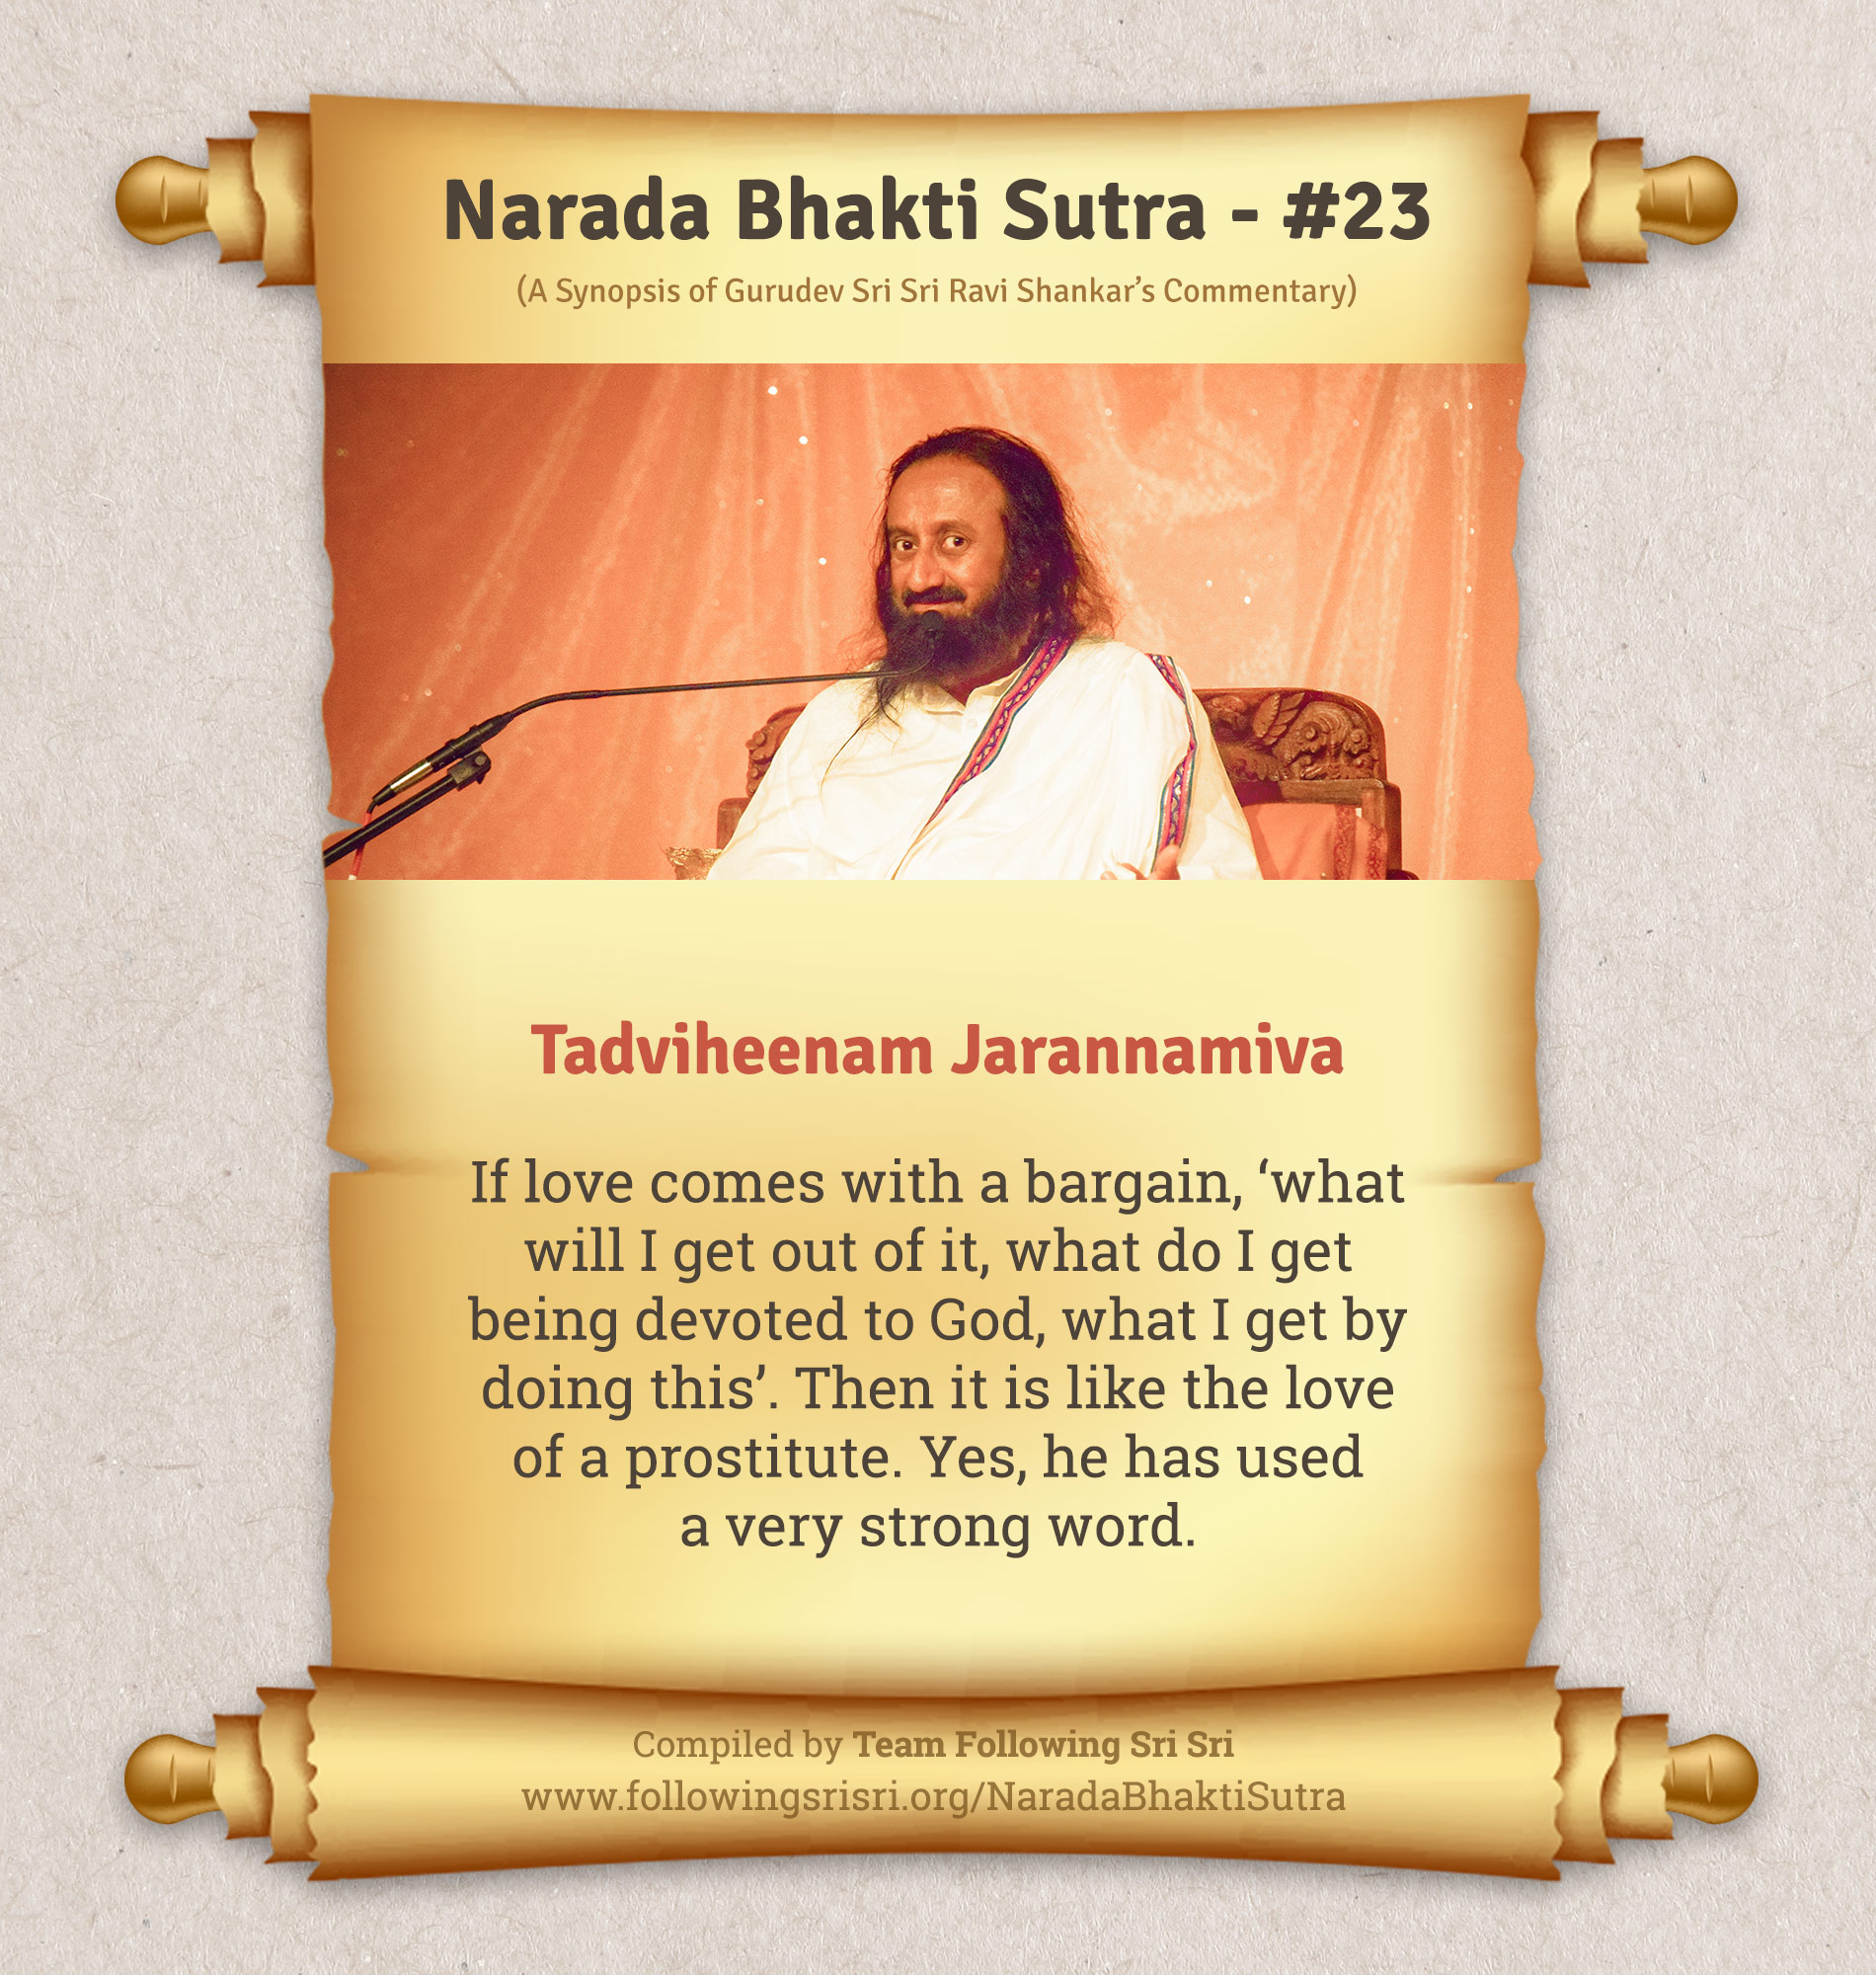 Narada Bhakti Sutras - Sutra 23